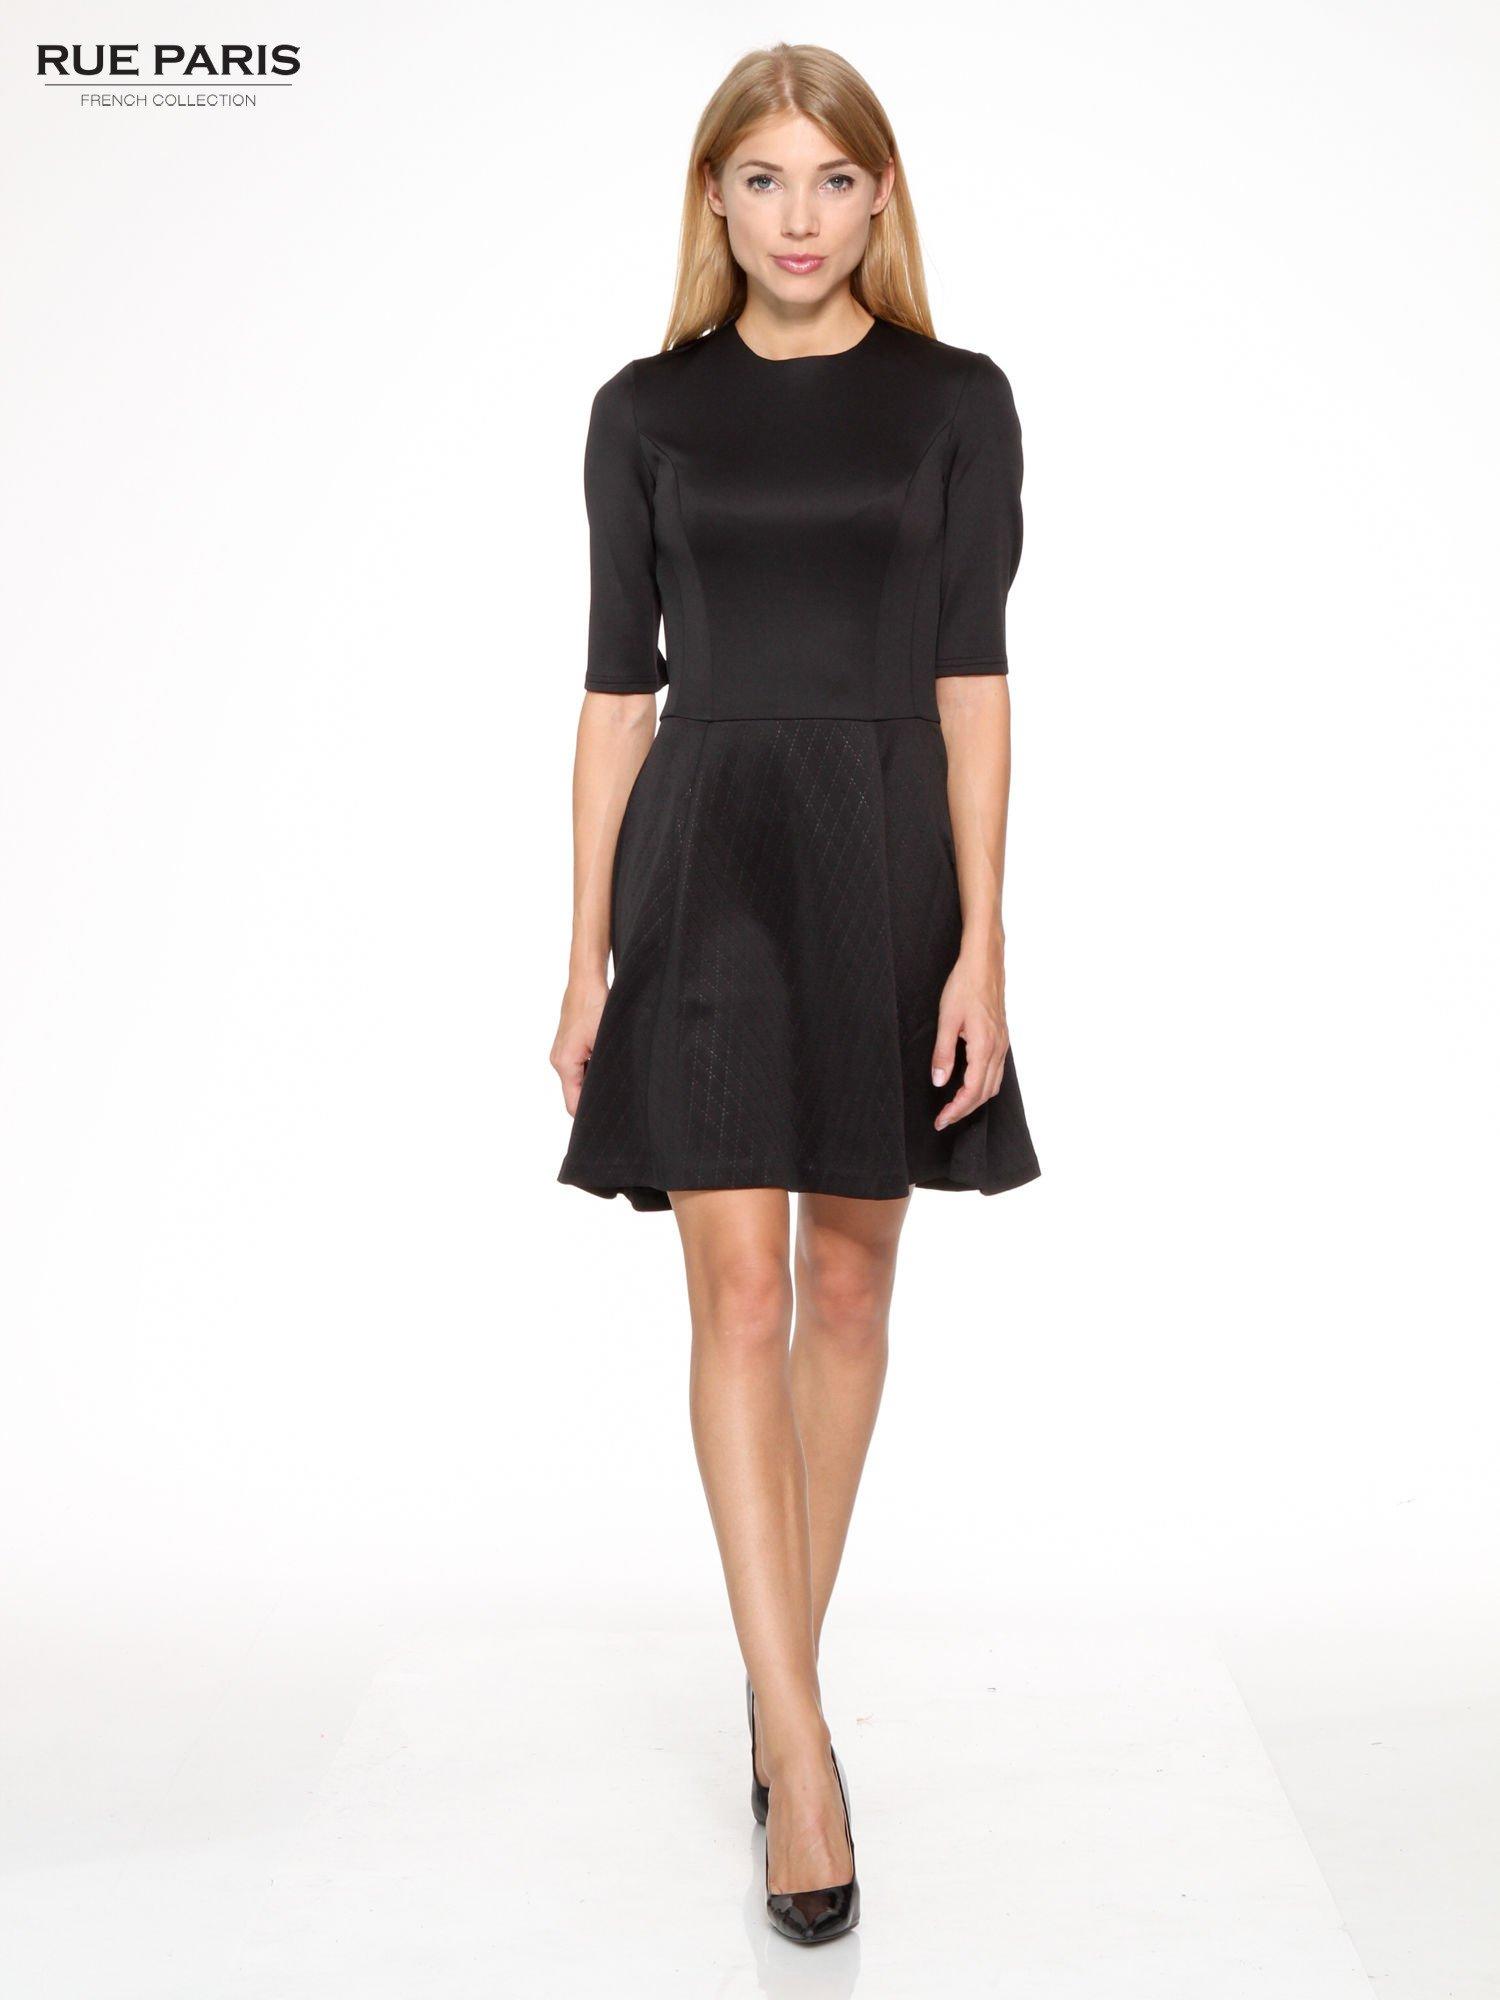 Czarna klasyczna sukienka z rozkloszowanym dołem w pikowany wzór                                  zdj.                                  2